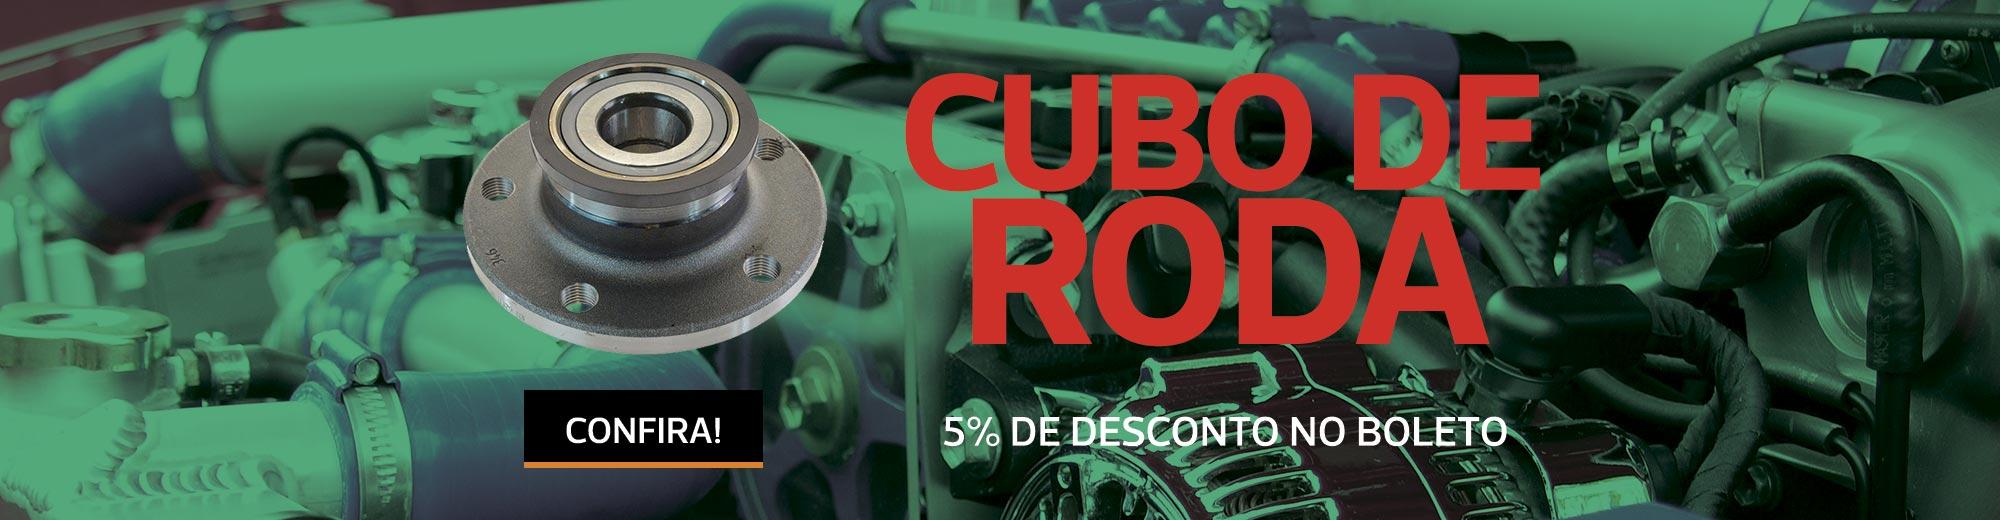 Cubo de Roda